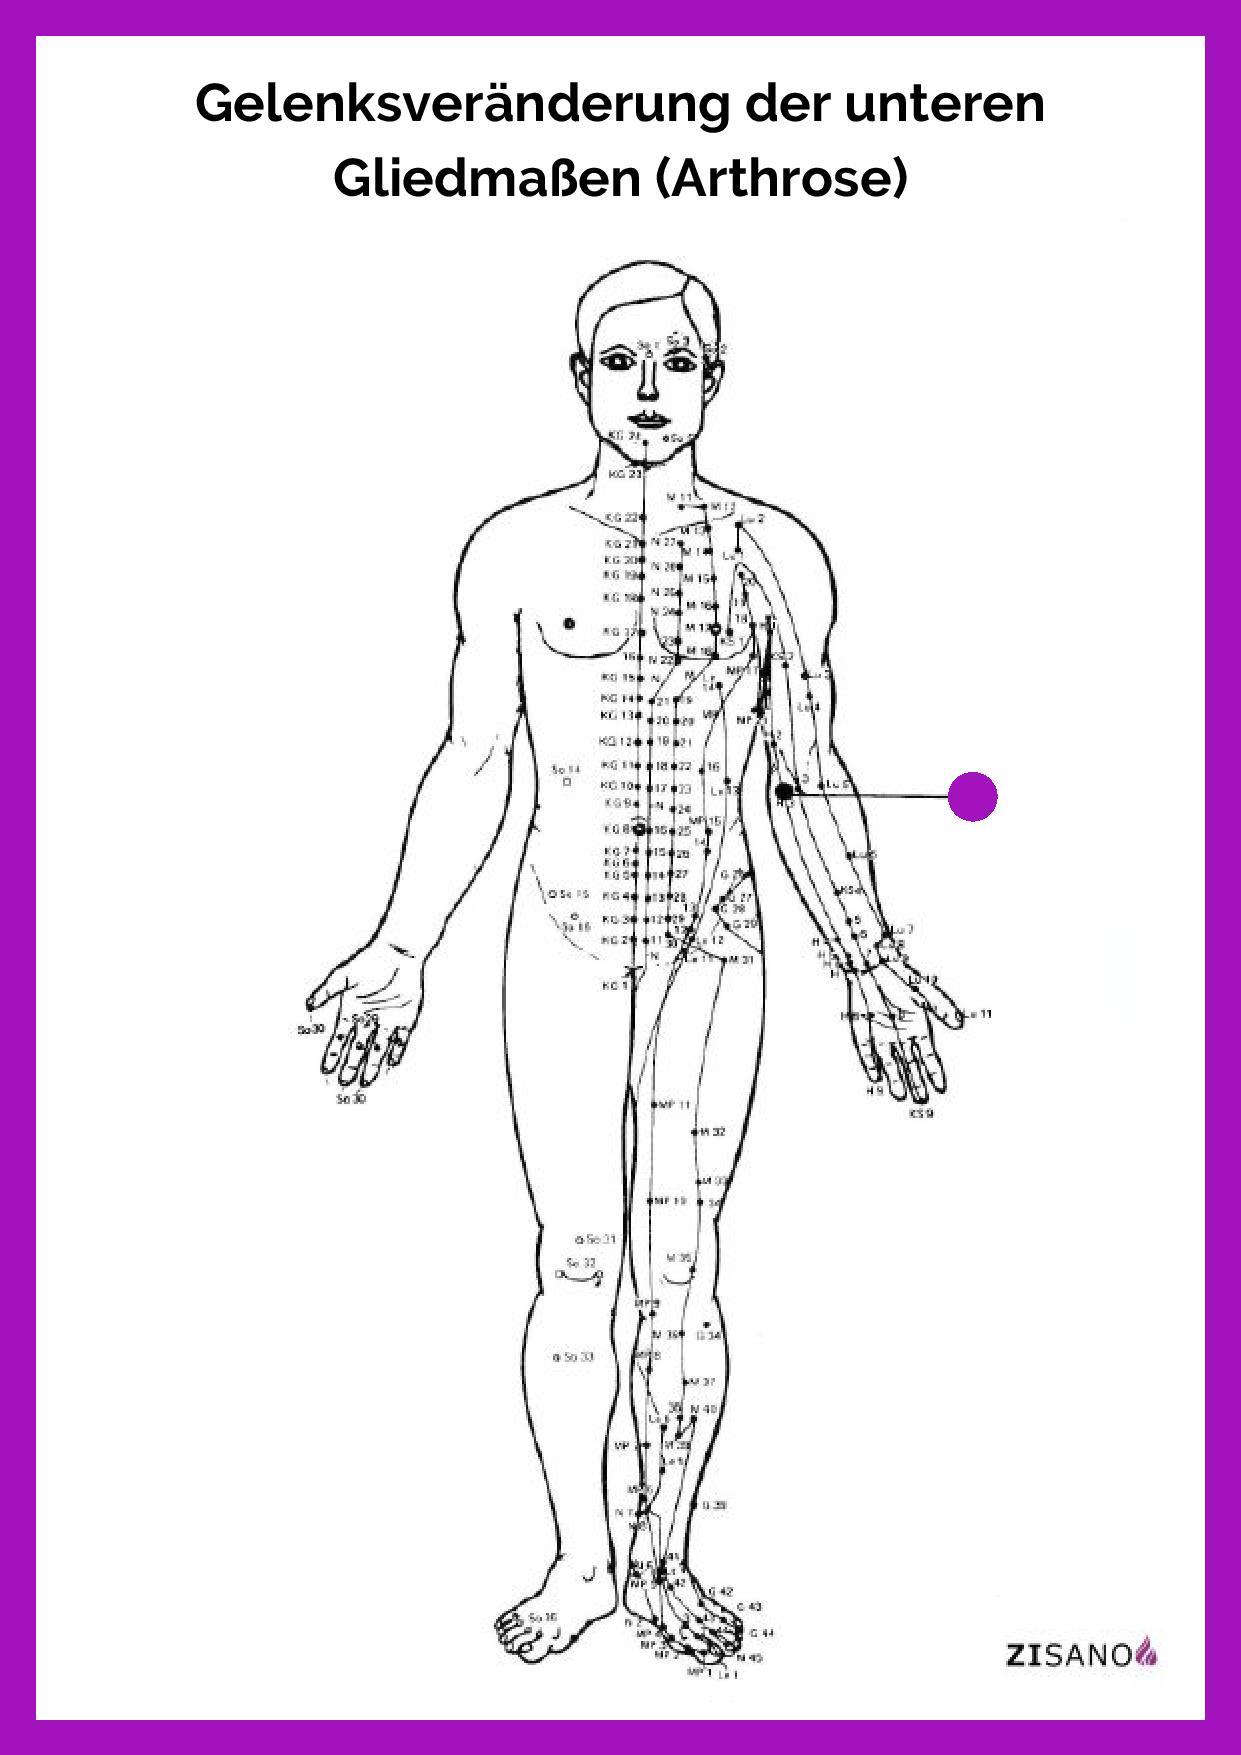 Meridiane - Gelenksveränderung der unteren Gliedmaßen (Arthrose)- Behandlung